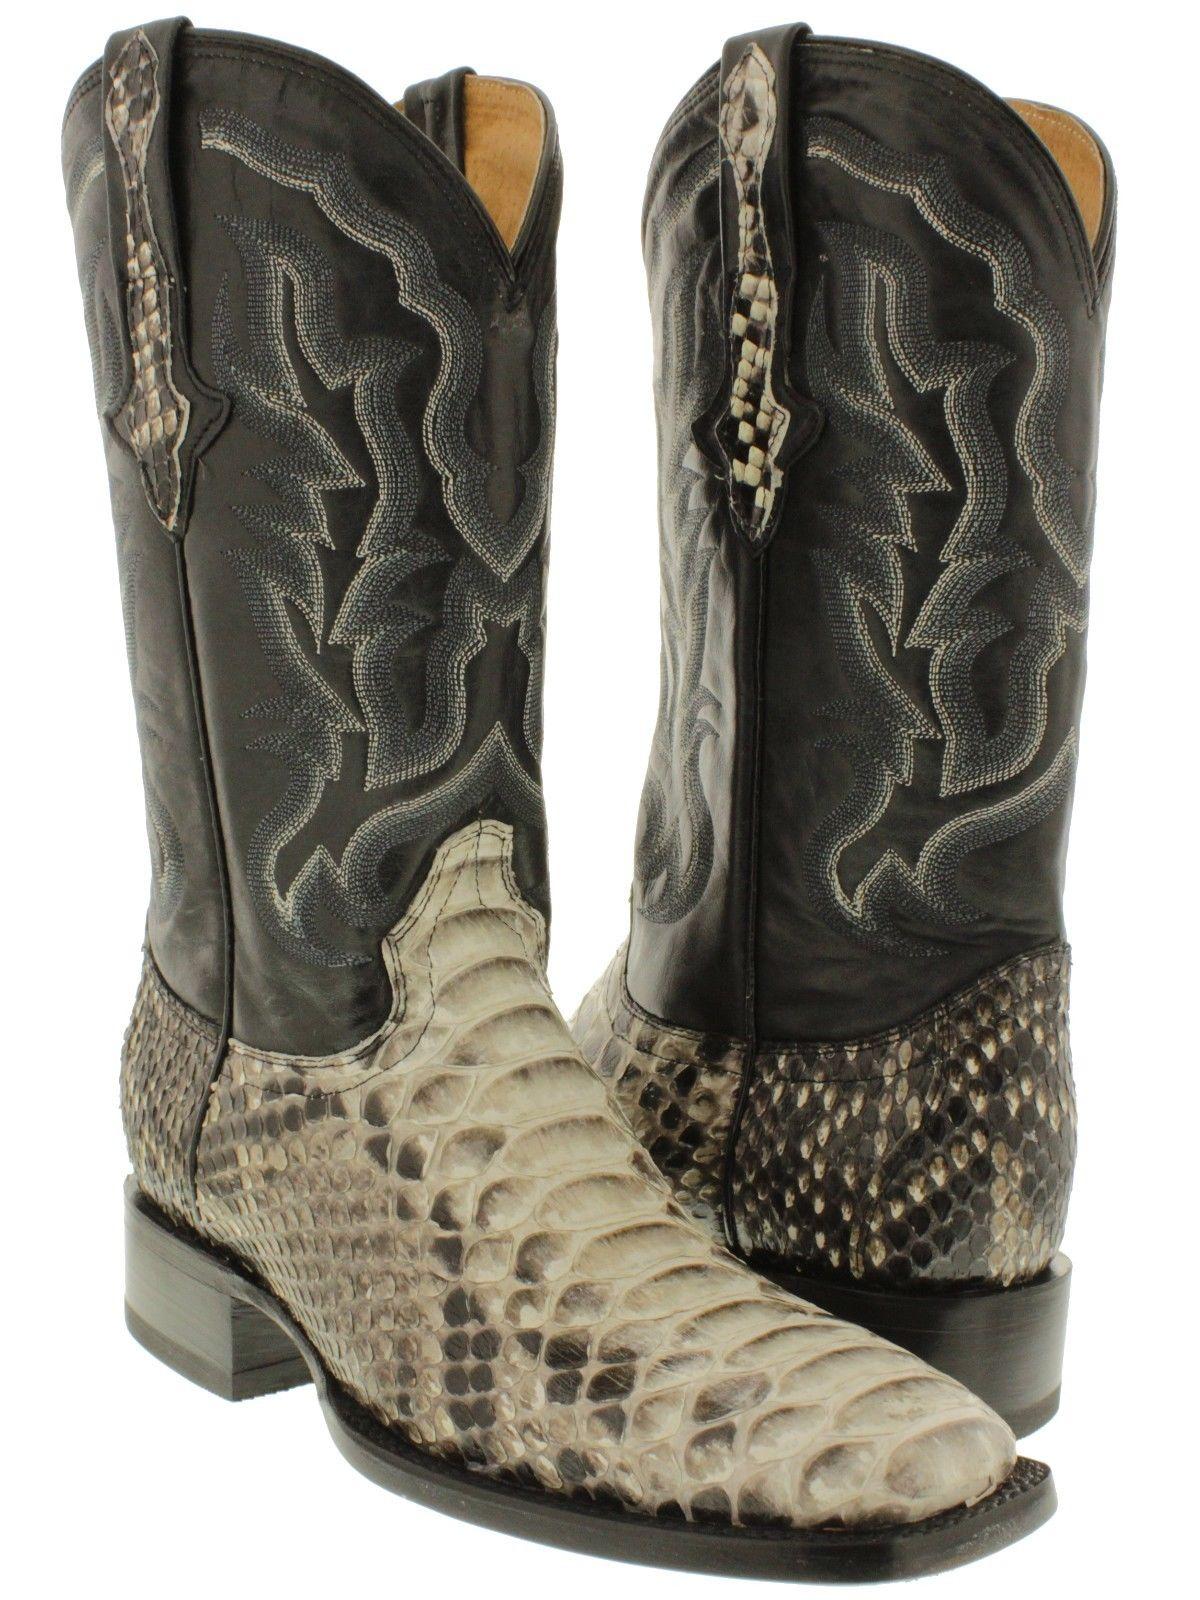 Cowboy Leather Boots - Men's Footwear | eBay